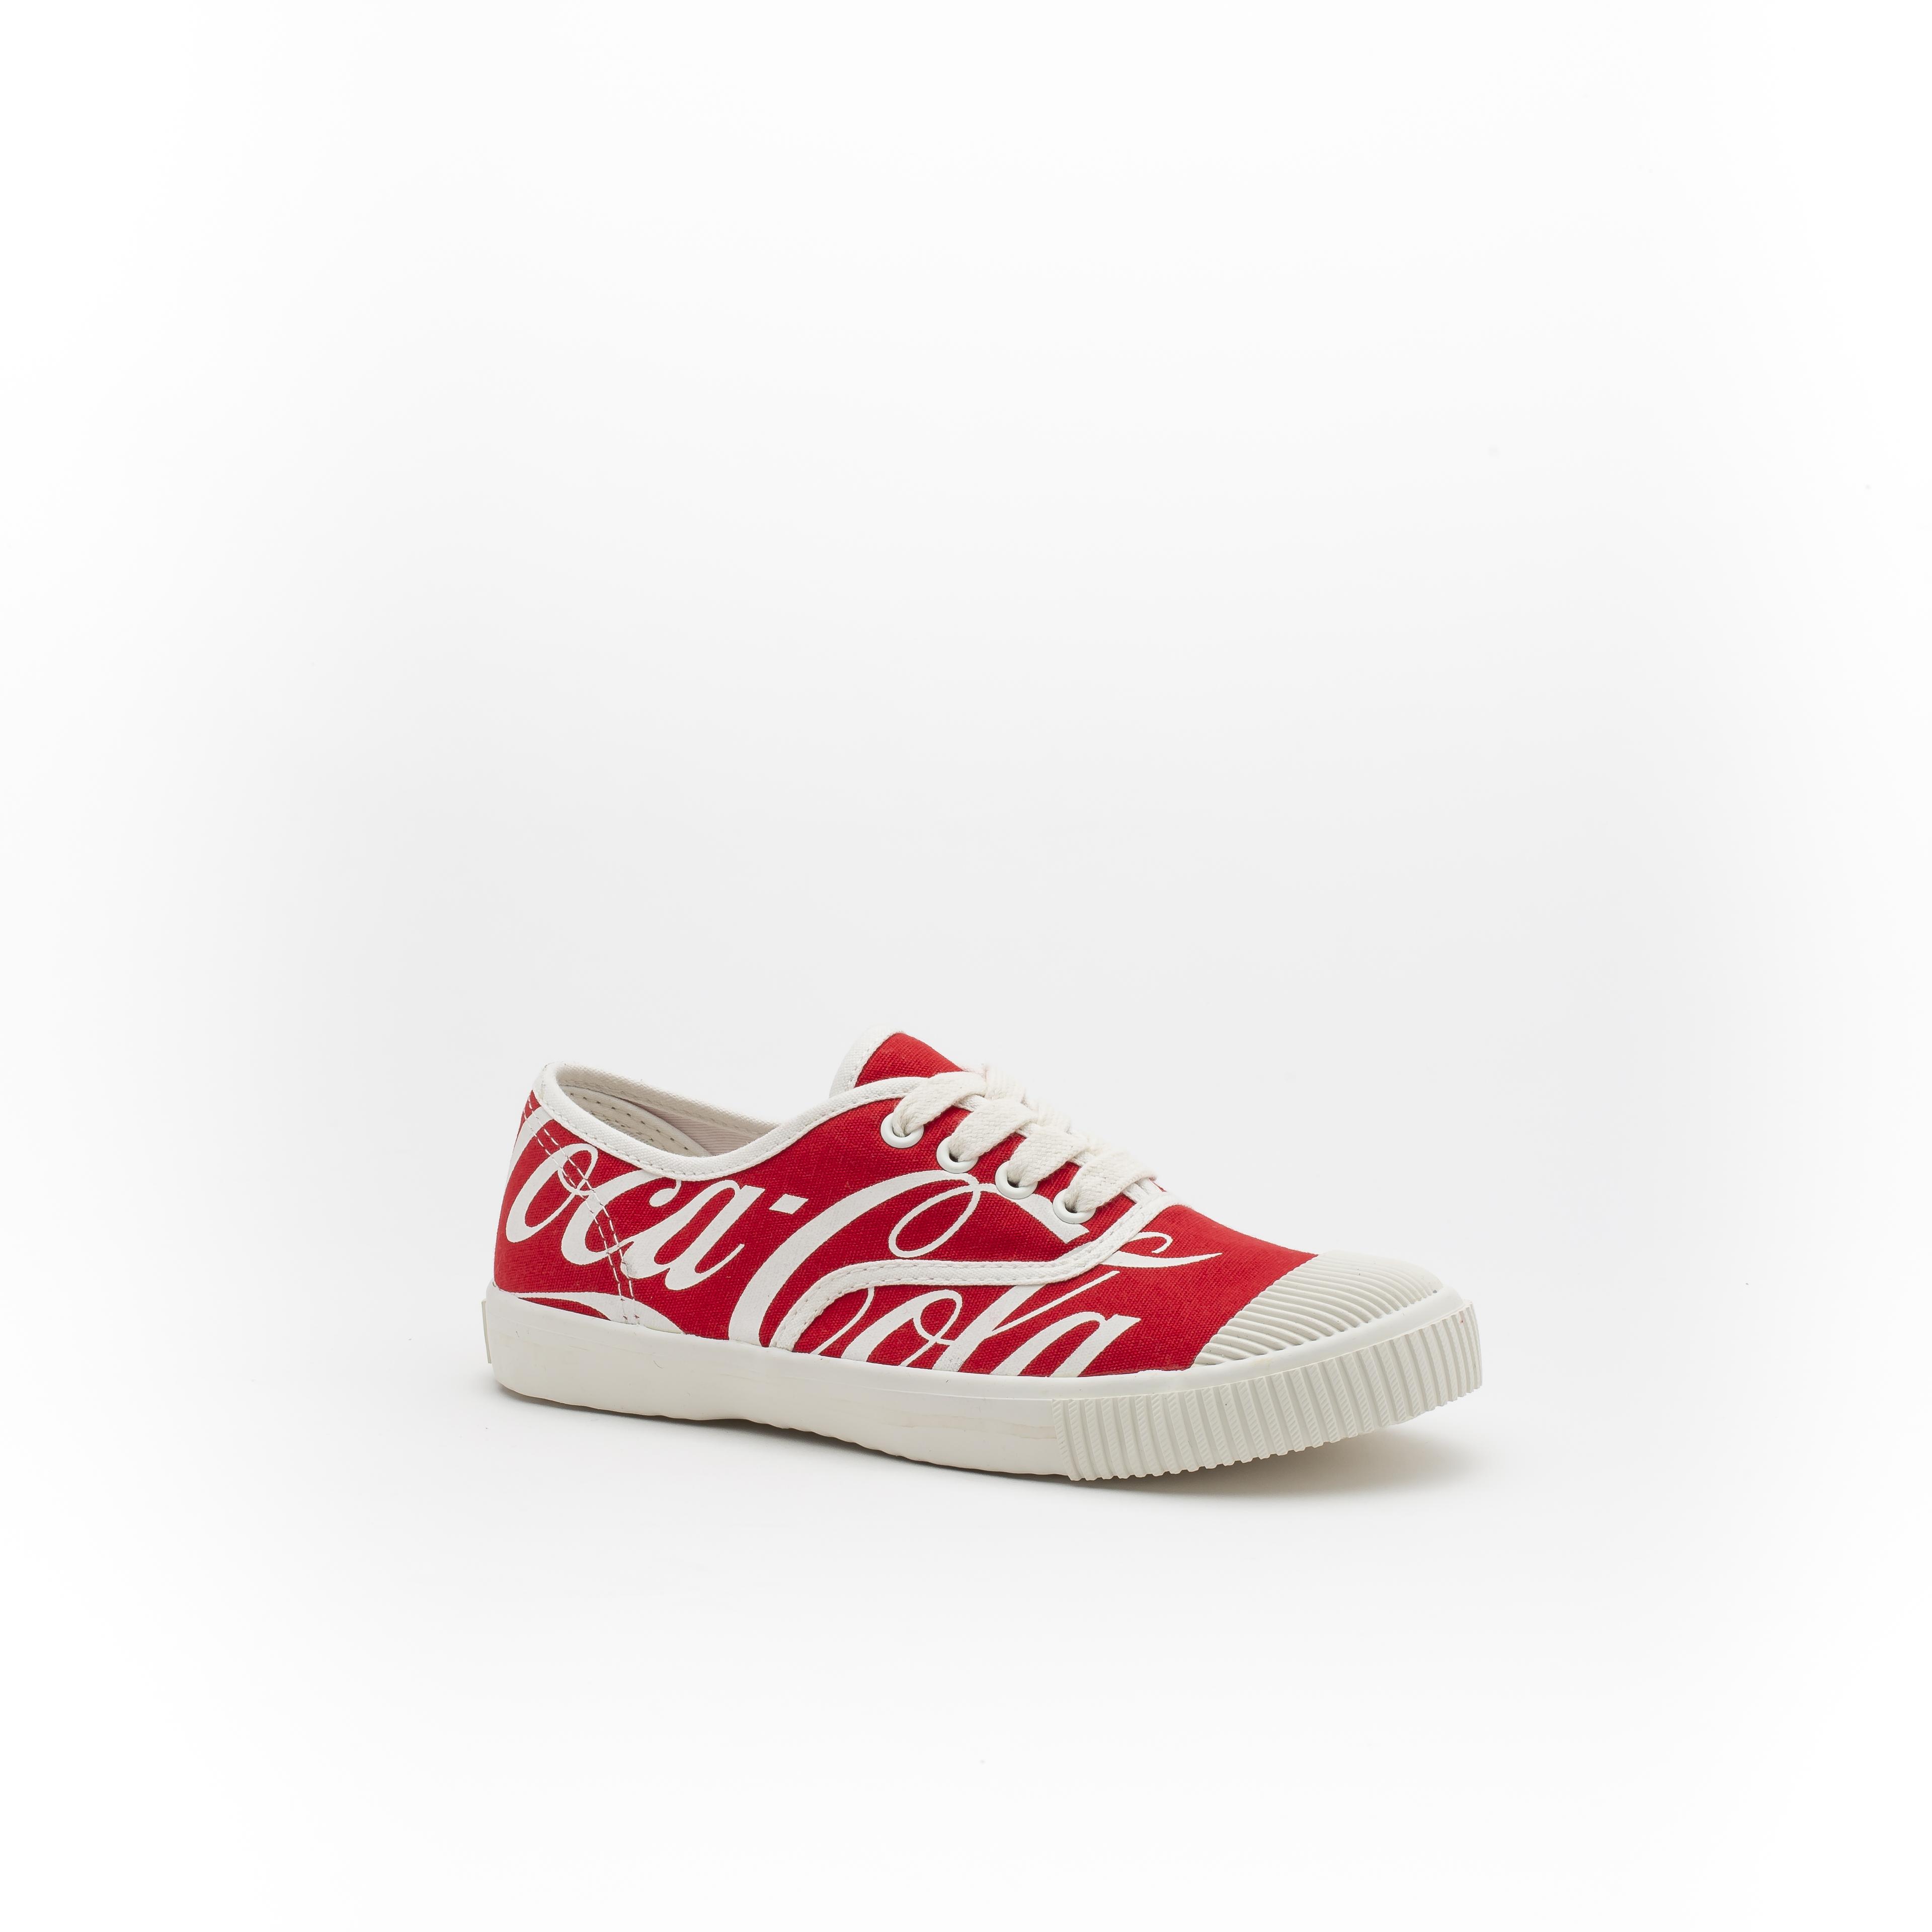 6b2d197f8b Take A Peek At The Totally 🔥🔥🔥 Bata x Coca-Cola Sneaker ...